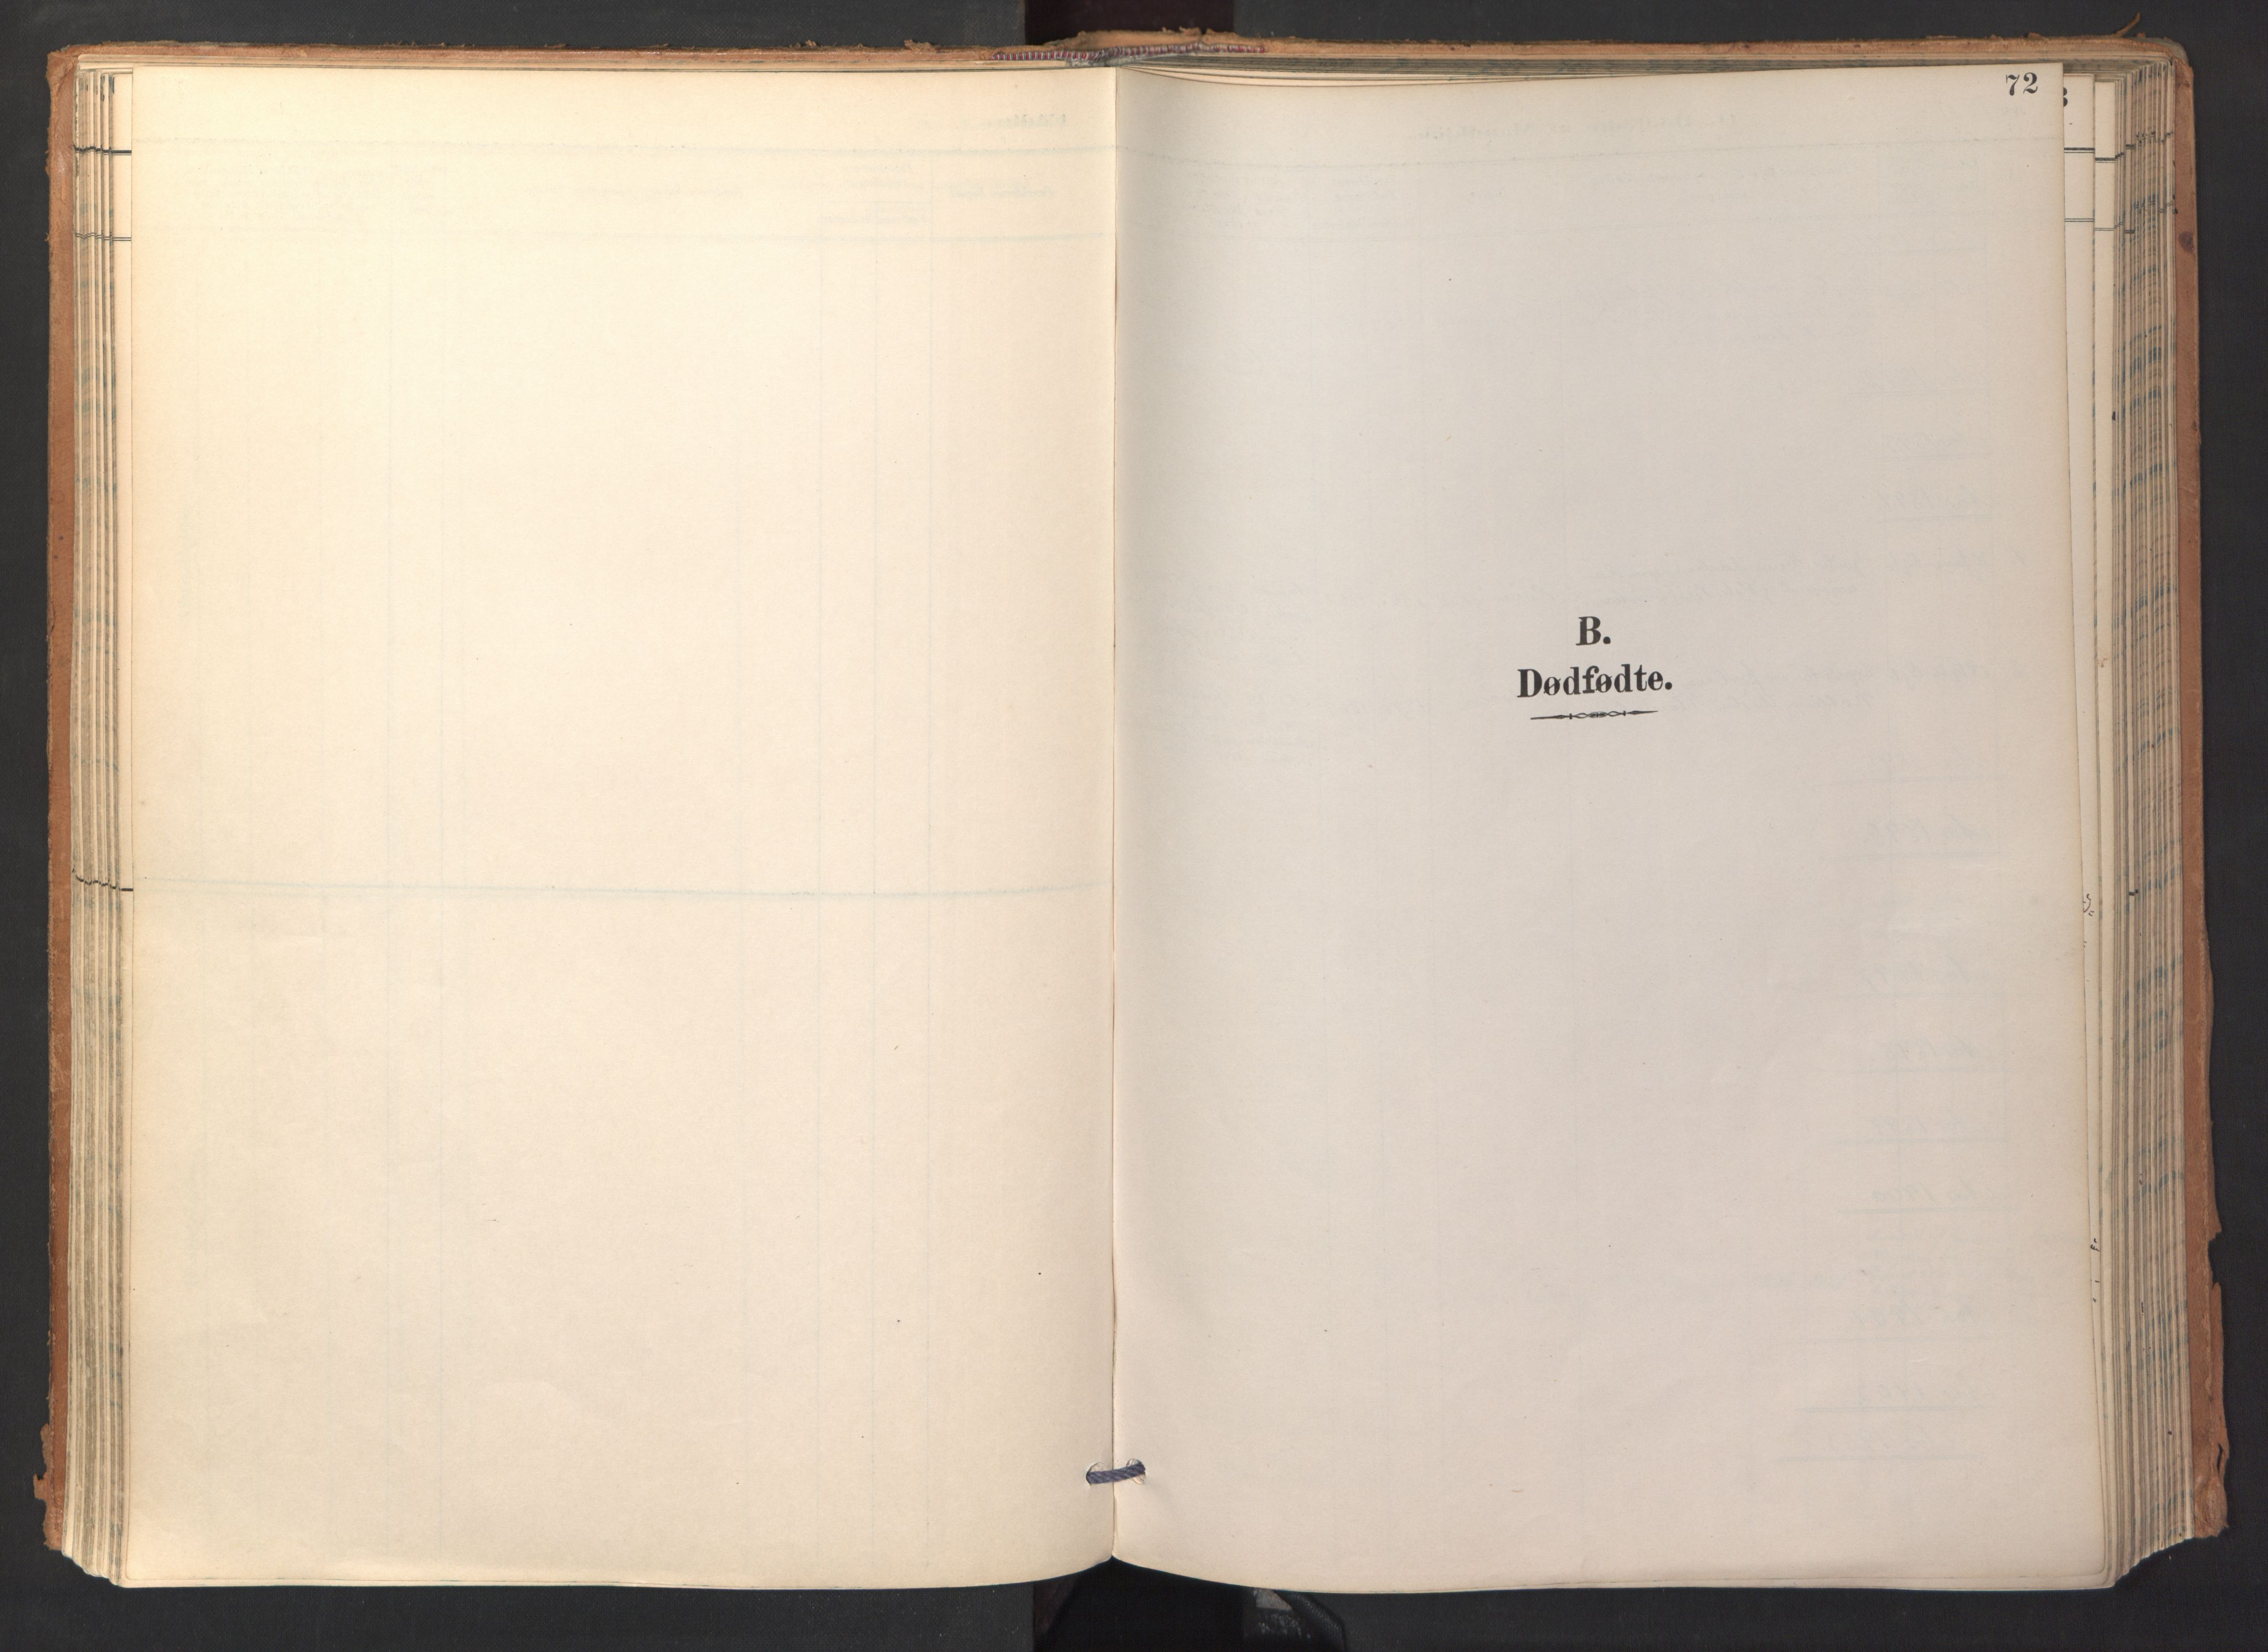 SAT, Ministerialprotokoller, klokkerbøker og fødselsregistre - Sør-Trøndelag, 688/L1025: Ministerialbok nr. 688A02, 1891-1909, s. 72